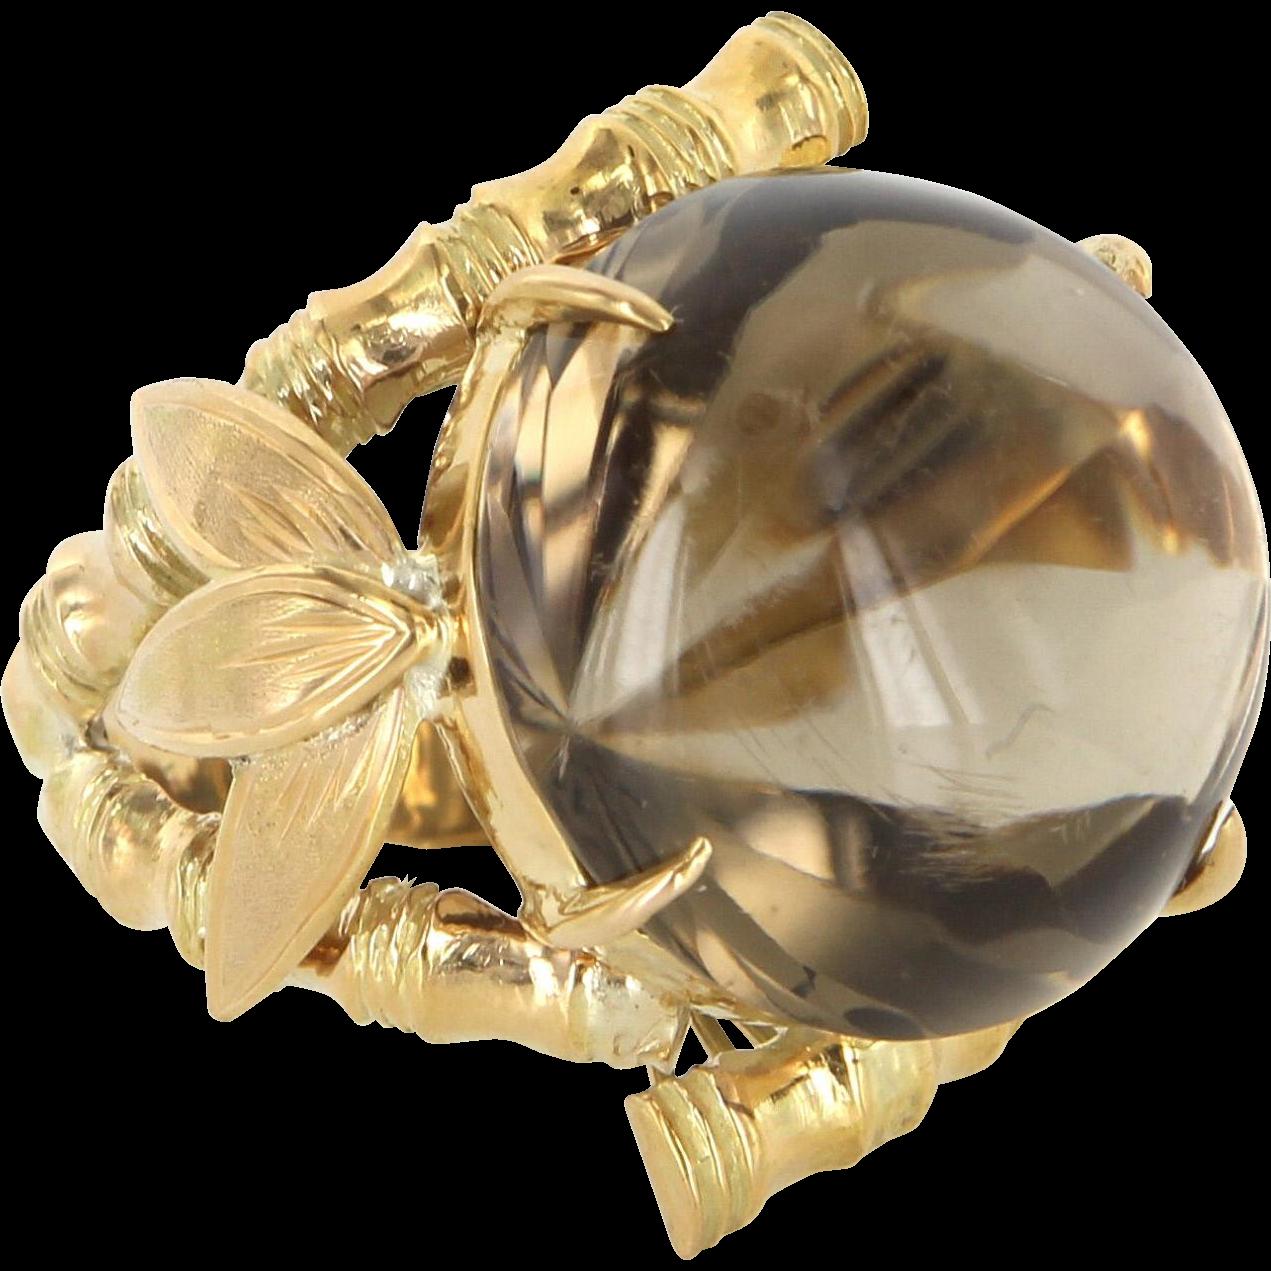 Bamboo Smoky Quartz Large Vintage Cocktail Ring 14 Karat Yellow Gold Estate Jewelry